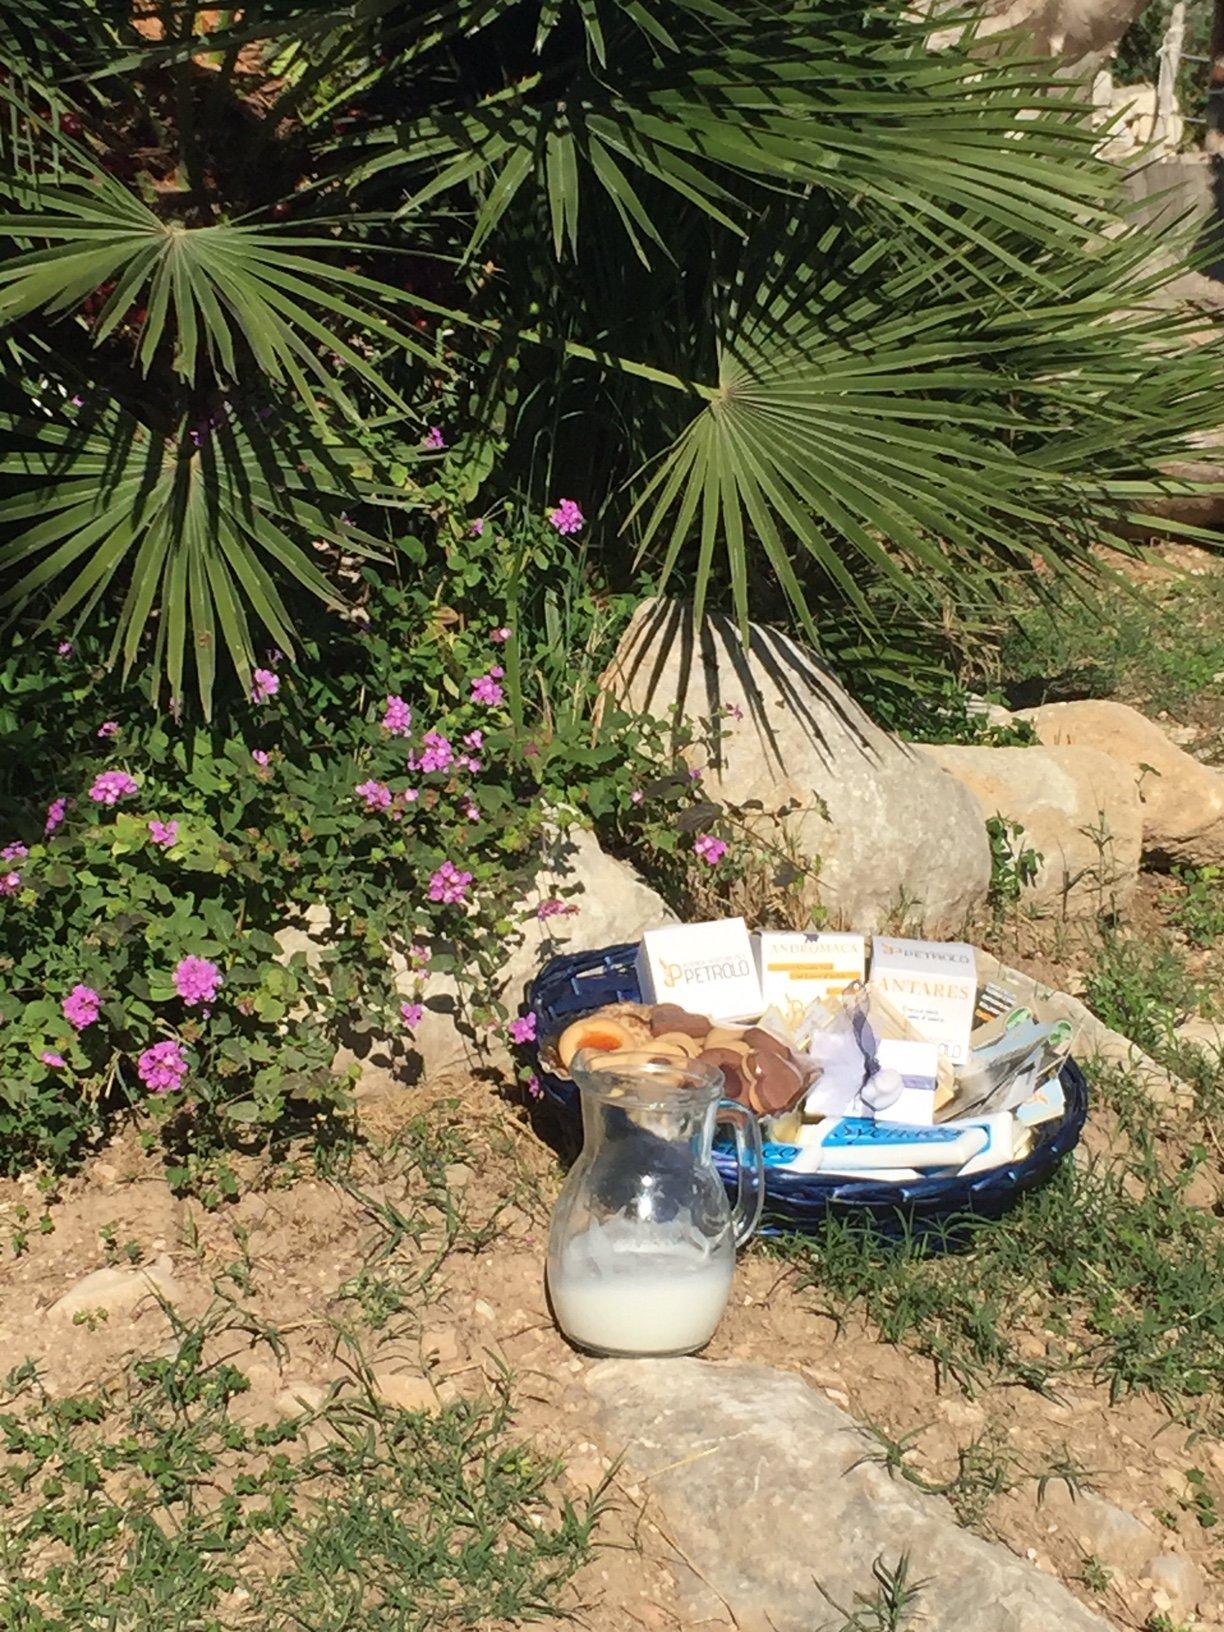 https://www.ragusanews.com//immagini_articoli/10-11-2015/1447158739-2-latte-dasina-creme-viso-latte-detergente-saponi-e-infine-biscotti.jpg